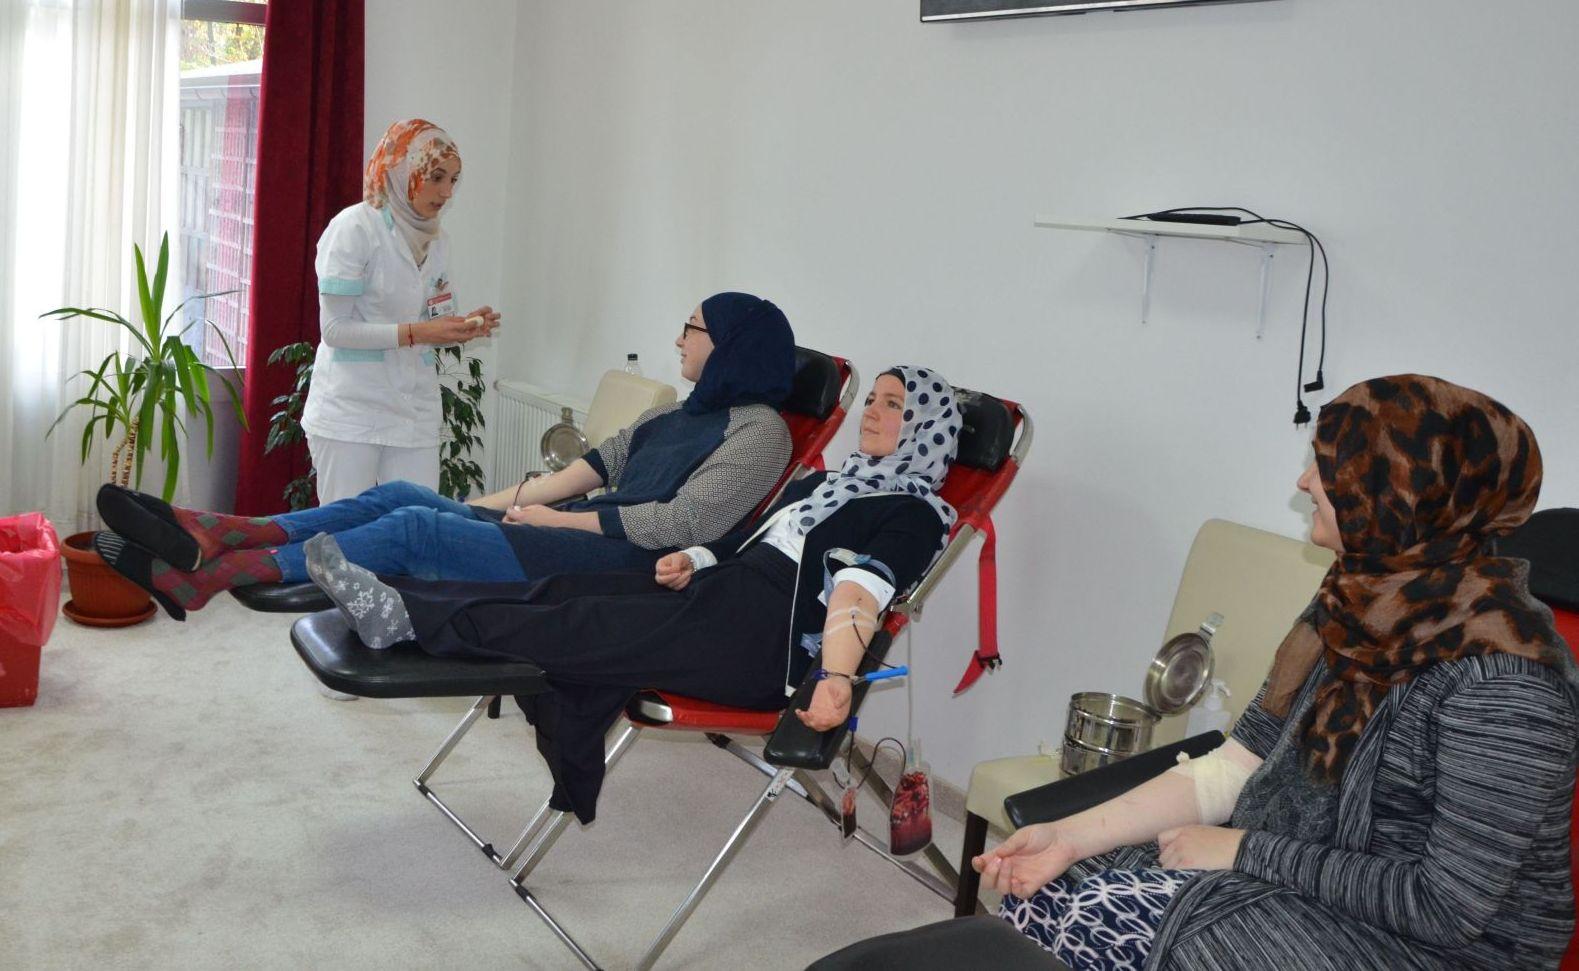 Darivanje krvi u Uredu Fondacije Izvor nade u Nedzaricima